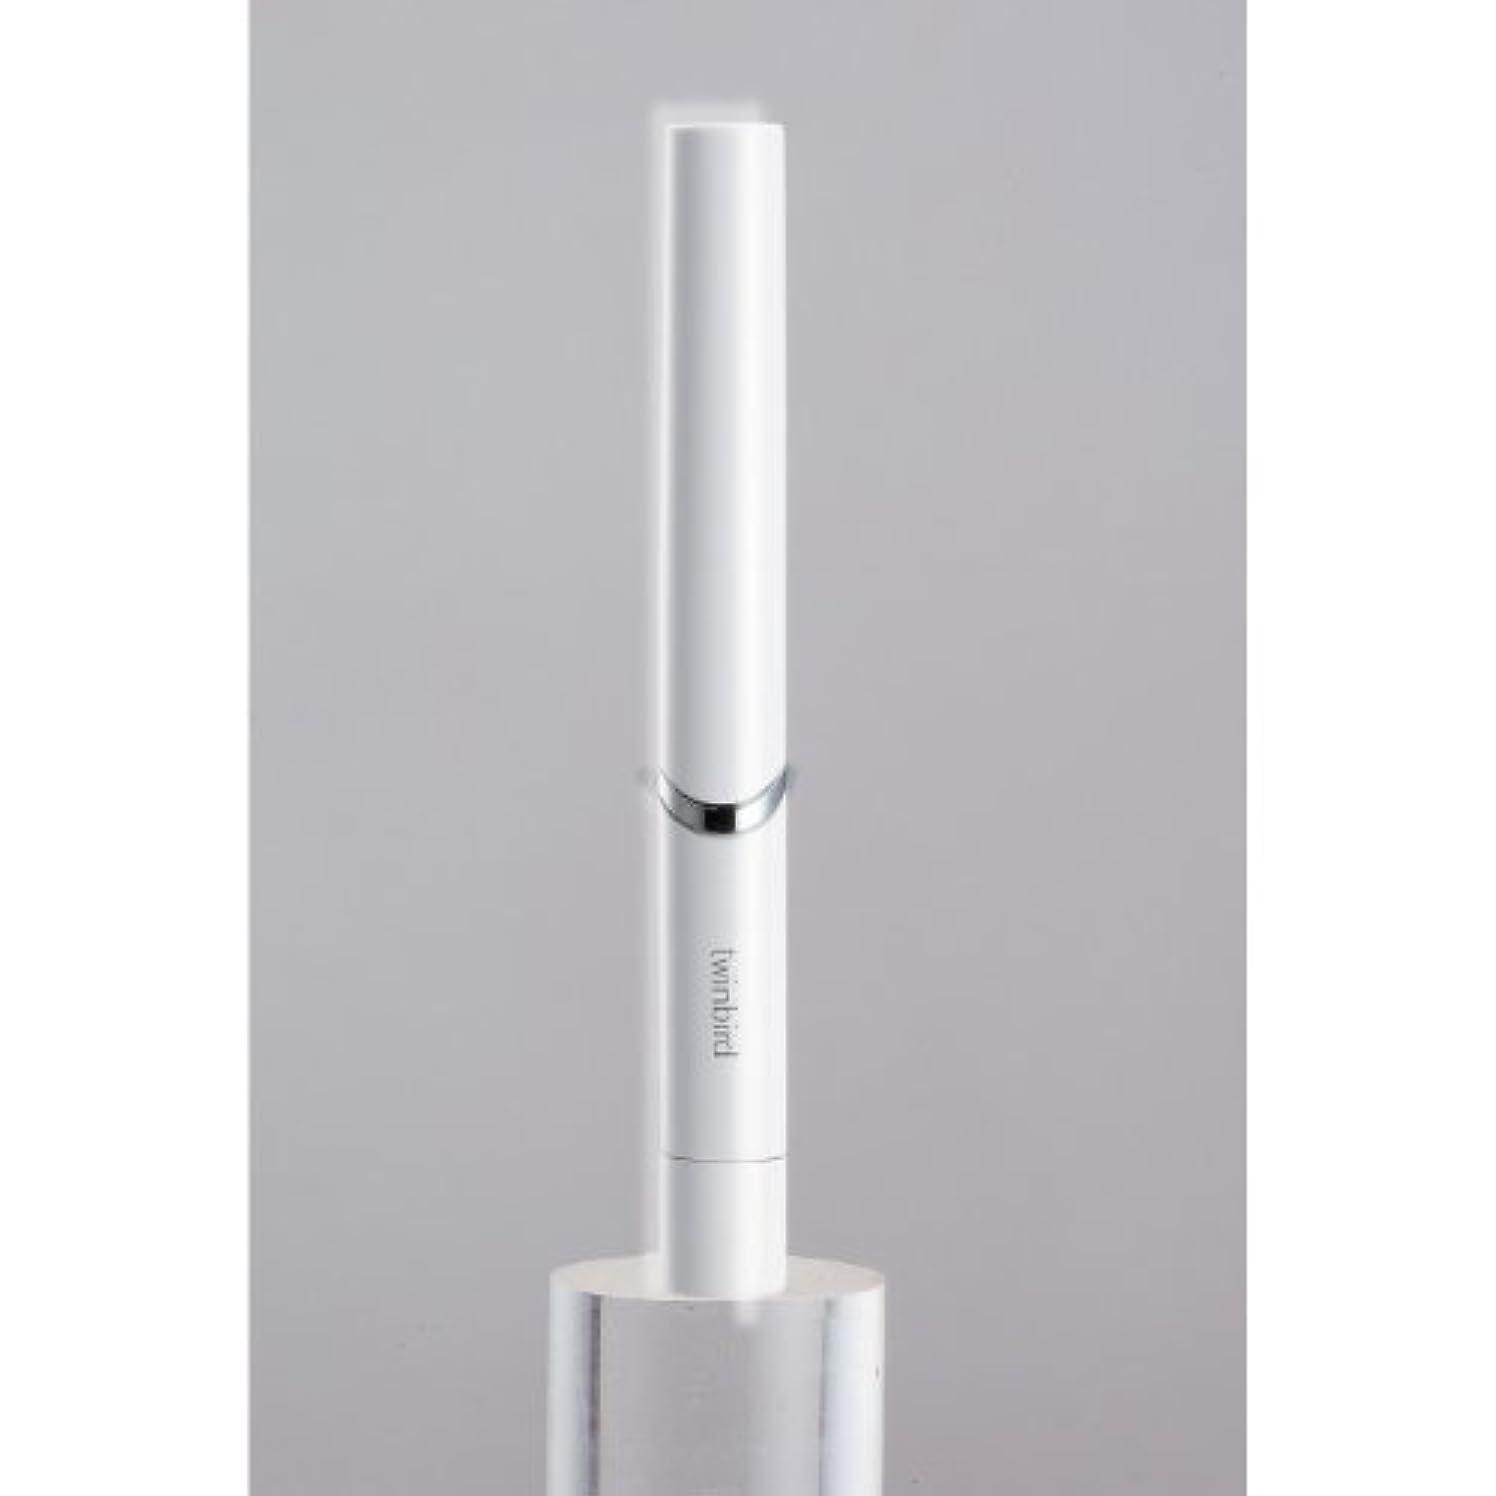 納税者長いです一般ツインバード 音波振動式歯ブラシ BD-2741 ホワイト?BD-2741W